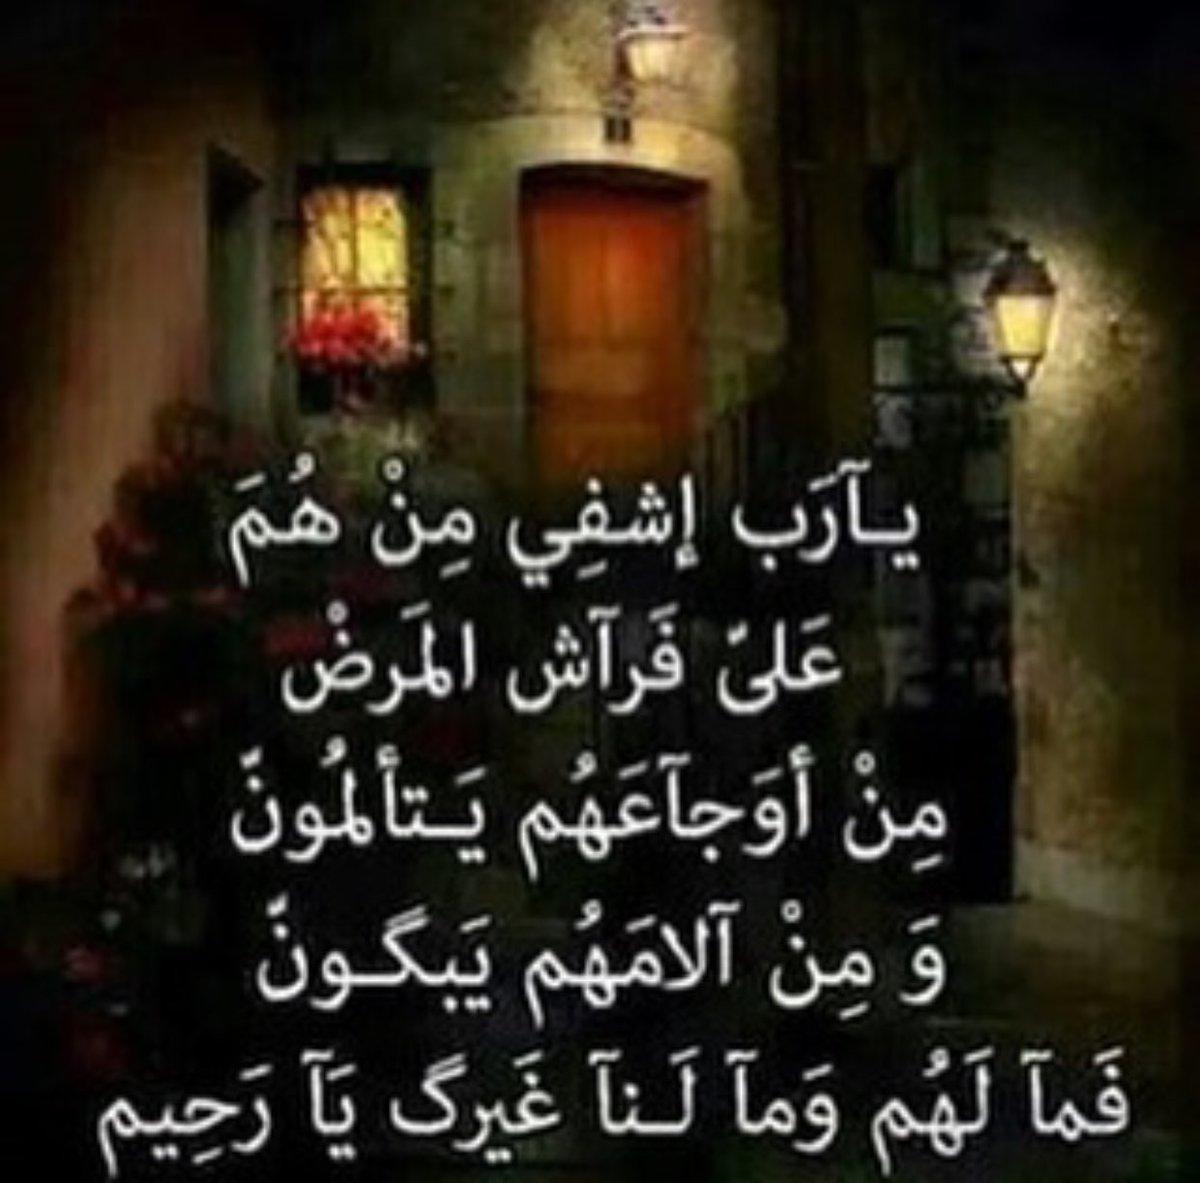 المرسى العتيق בטוויטר E999nor جزاك الله خير و لا اراكم مكروه فيمن تحبون